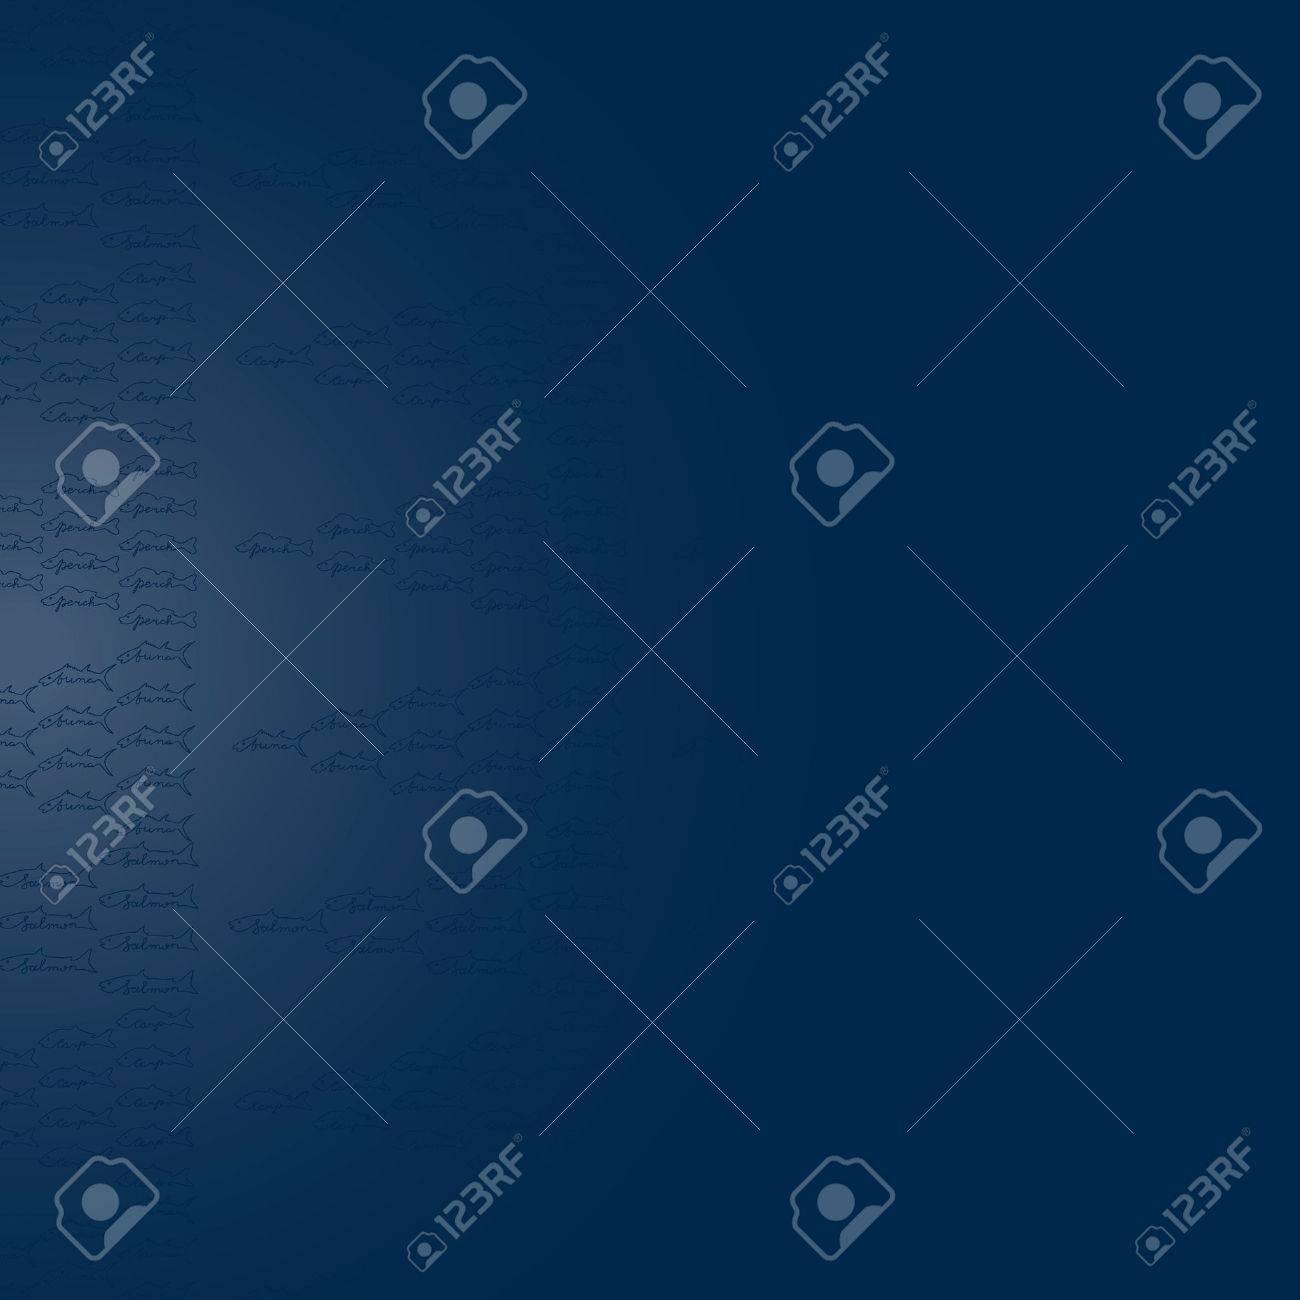 Fond Bleu Fonce Pour Le Texte Clip Art Libres De Droits Vecteurs